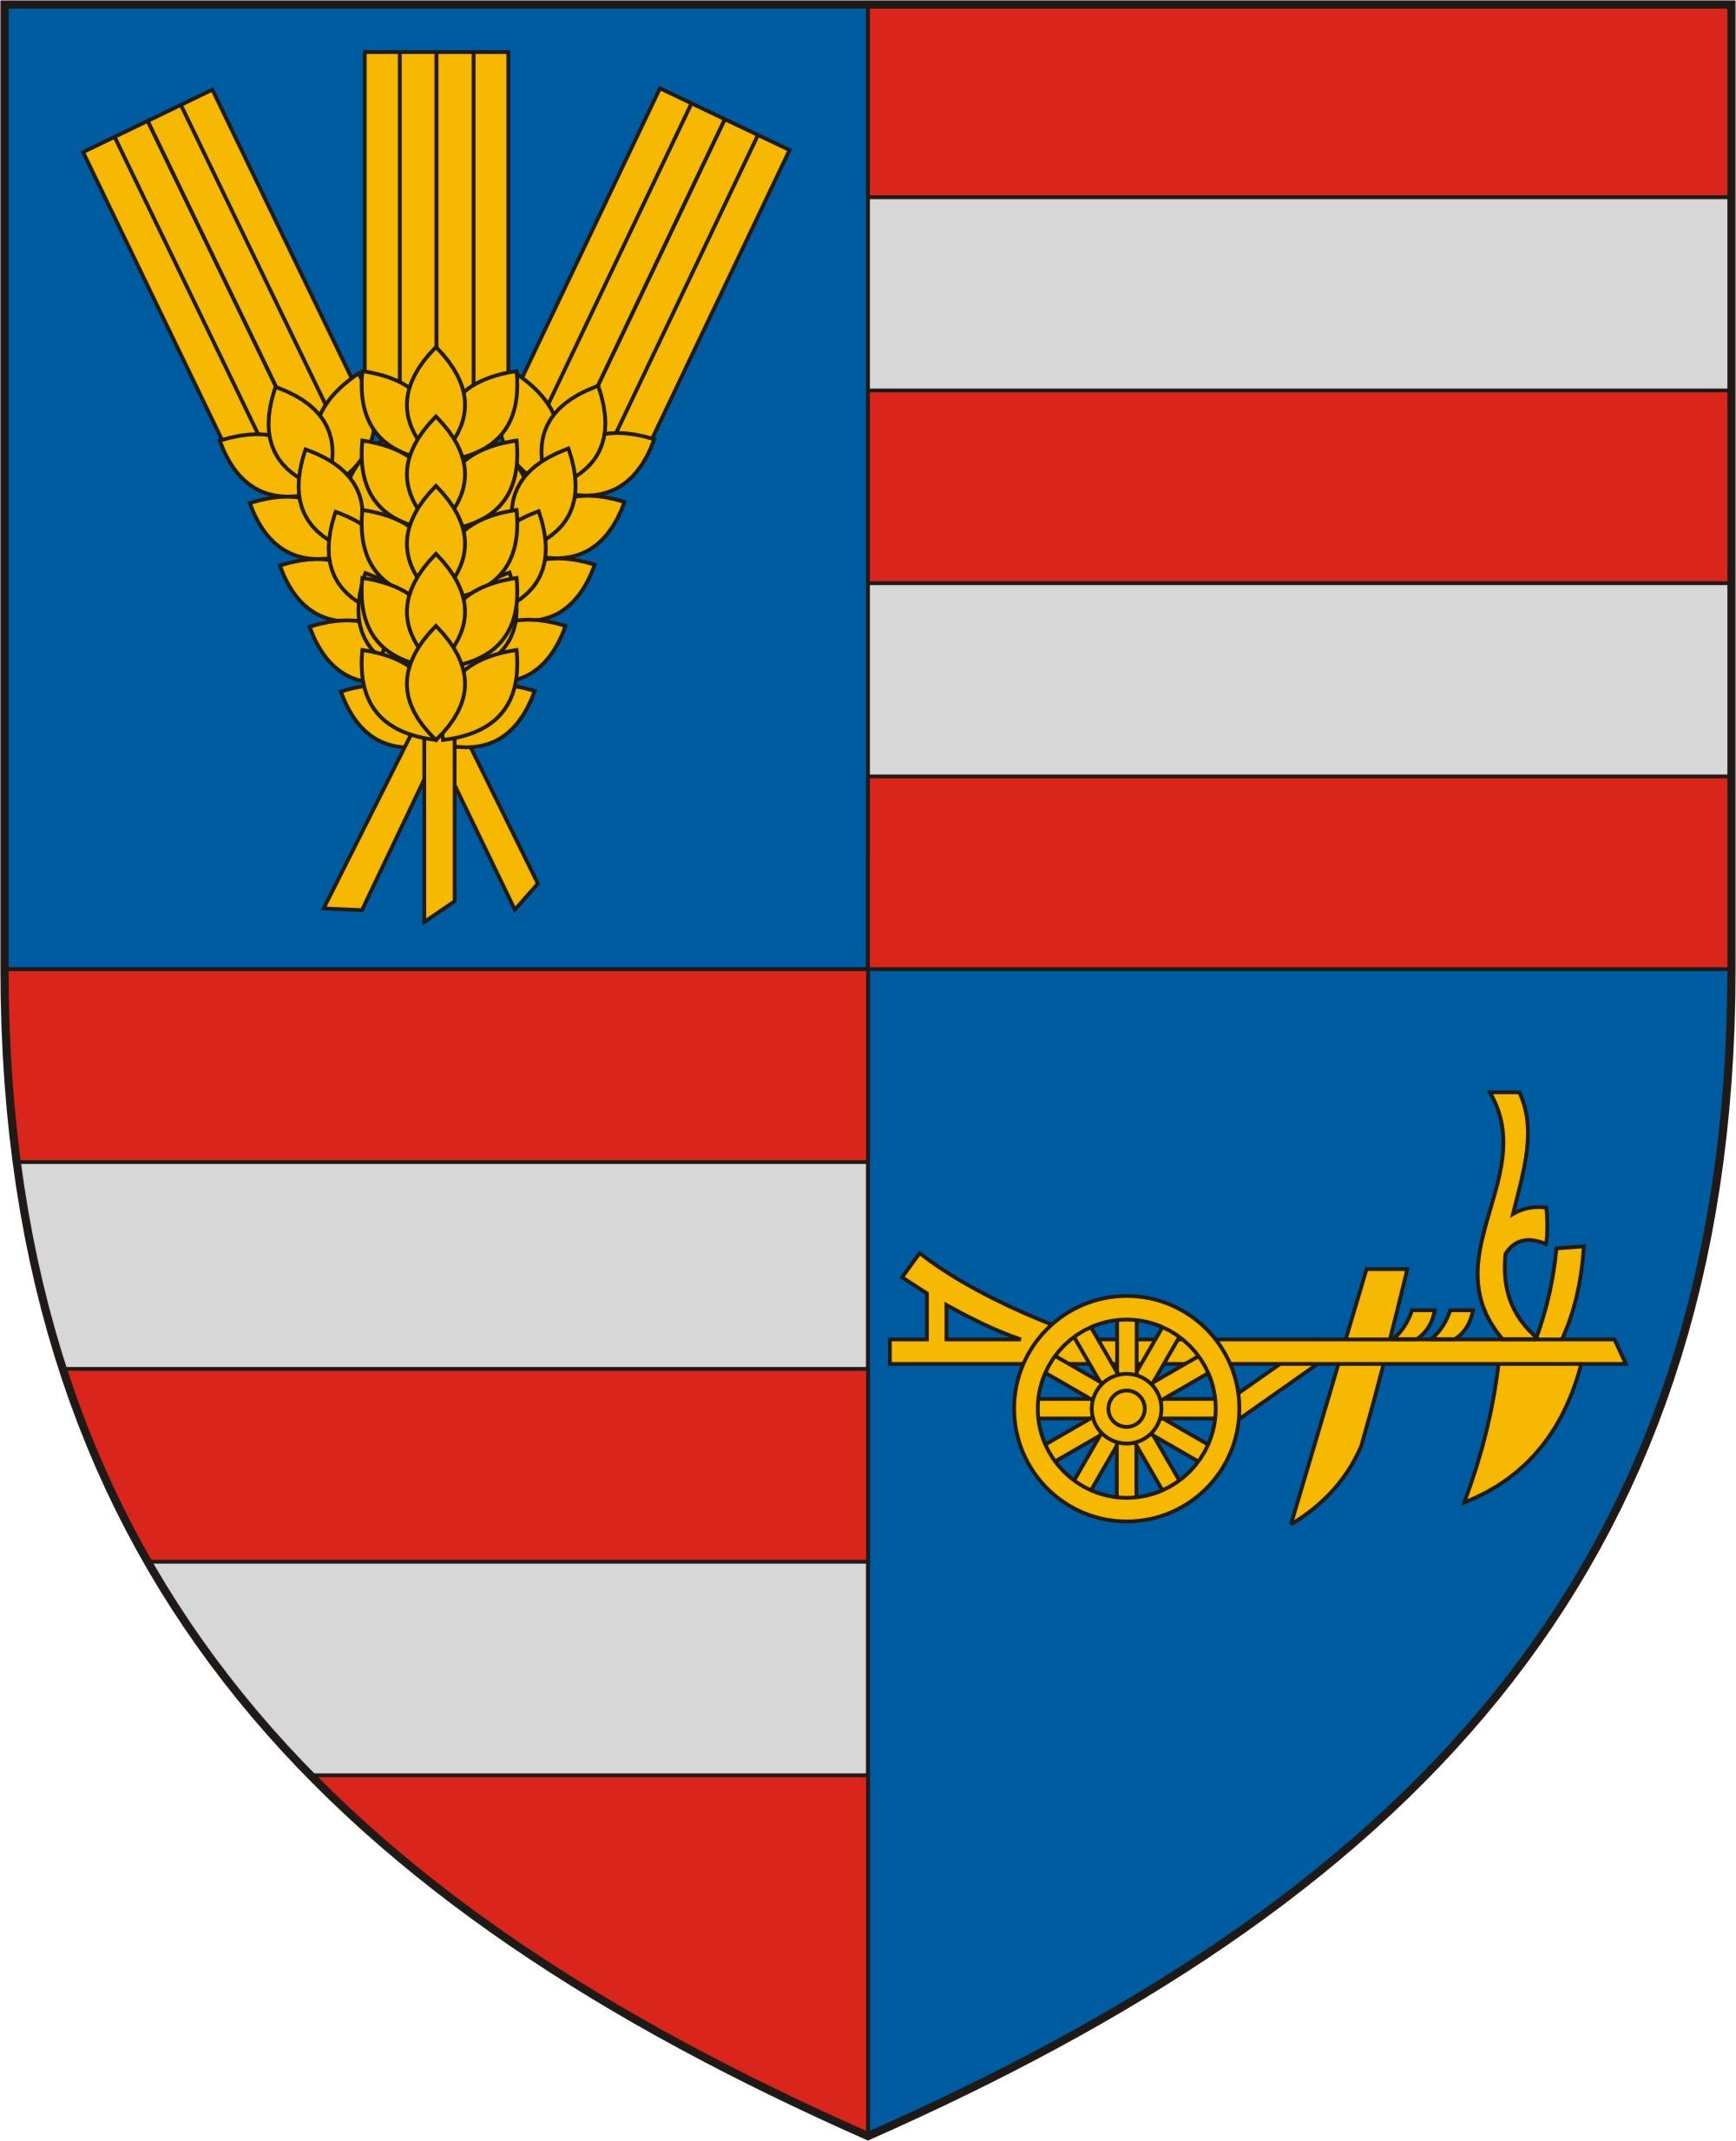 Iváncsa címere